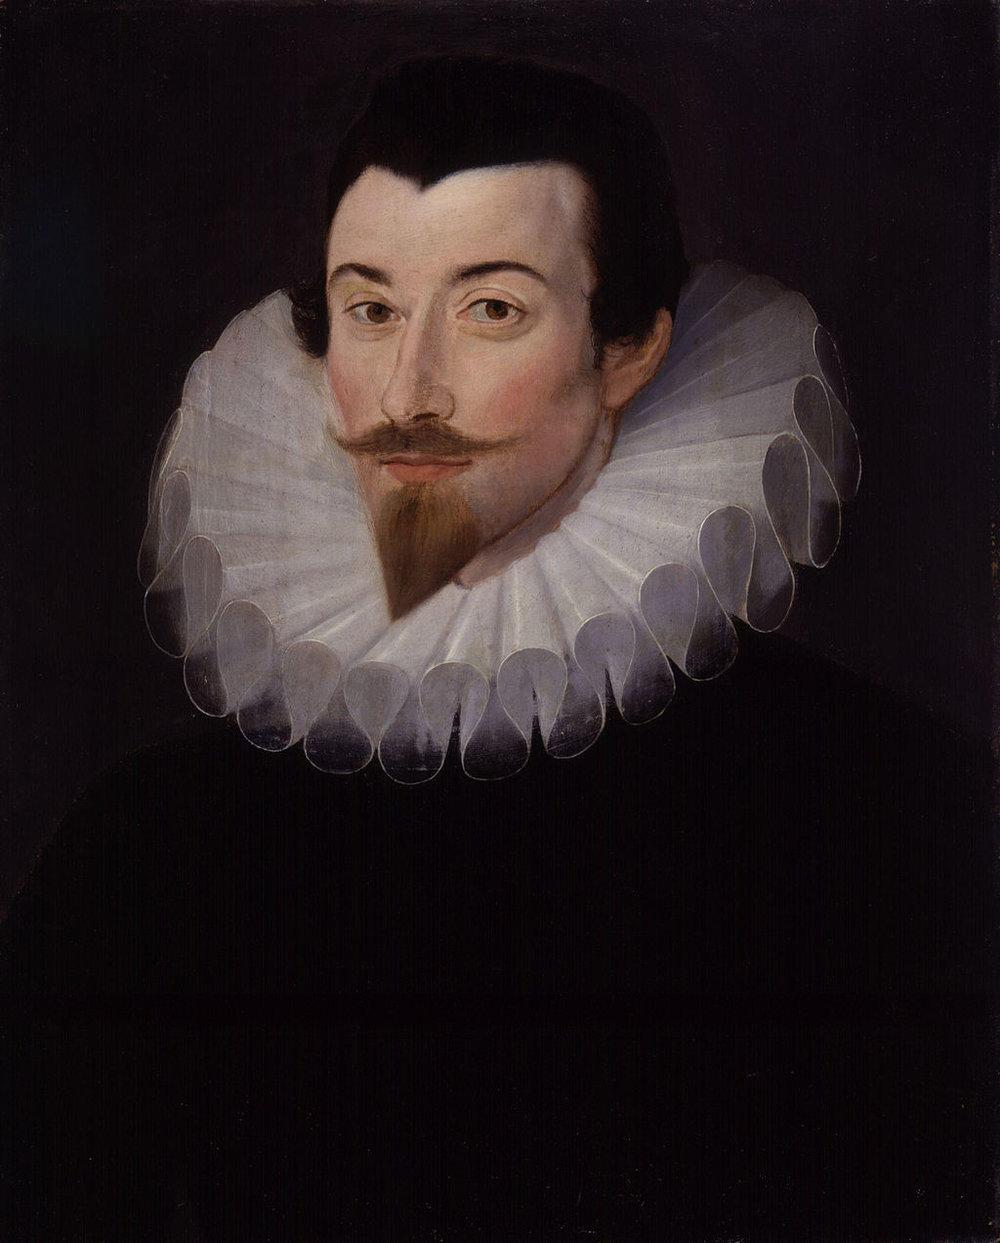 1024px-Sir_John_Harington_by_Hieronimo_Custodis.jpg